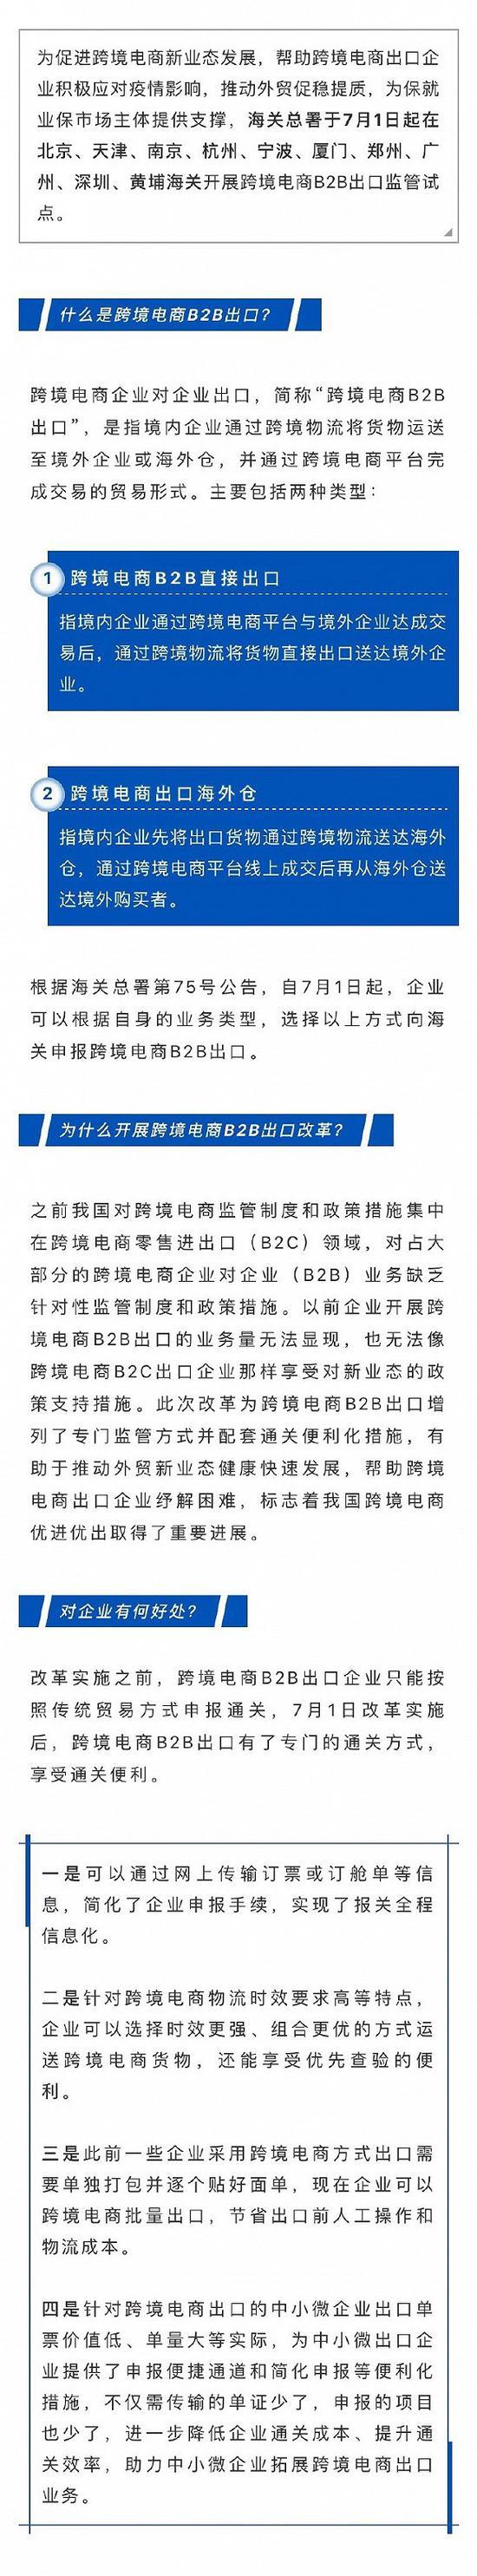 [摩天注册]州等海关开摩天注册展跨境电商B2B出口图片